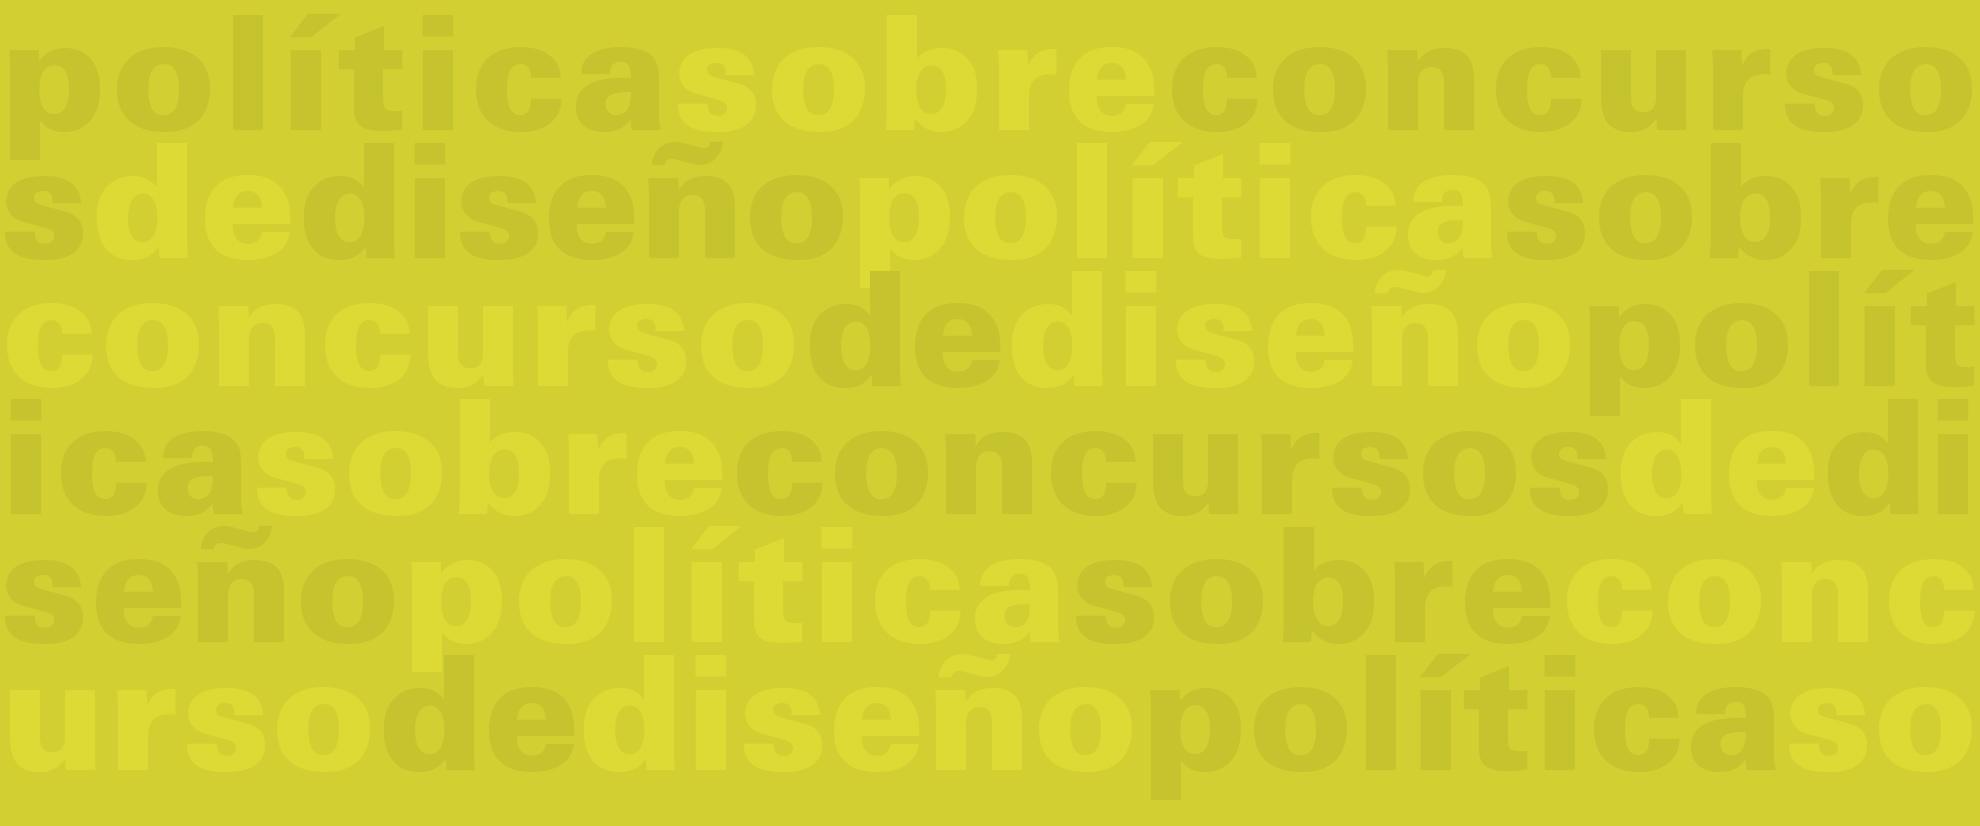 Política sobre concursos de diseño